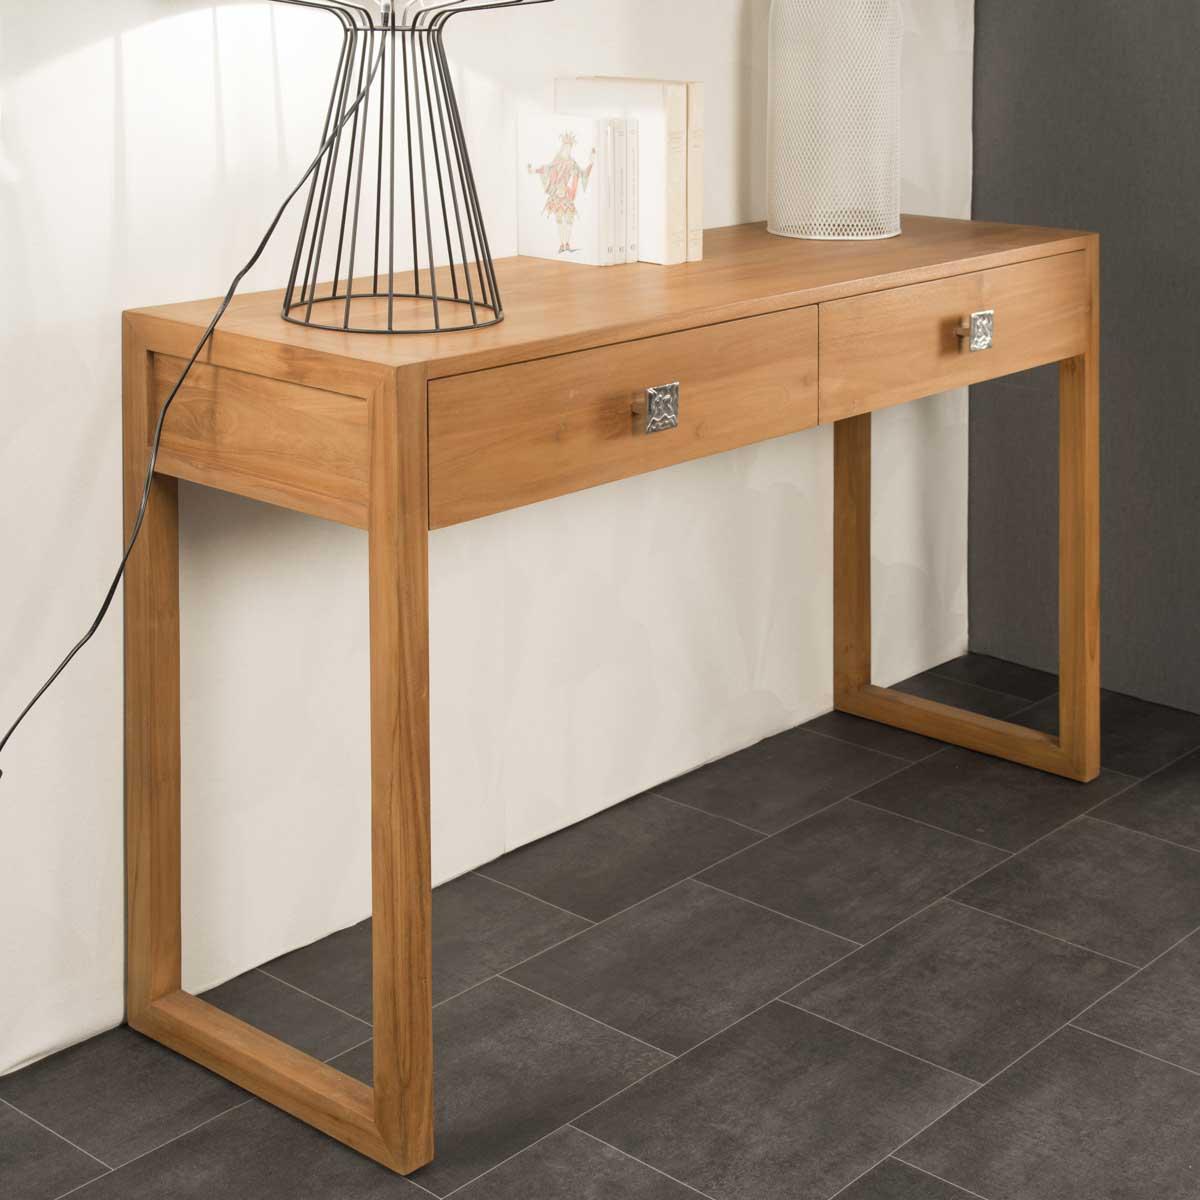 Console de salon en bois de teck massif th a rectangle for Meuble console japonais